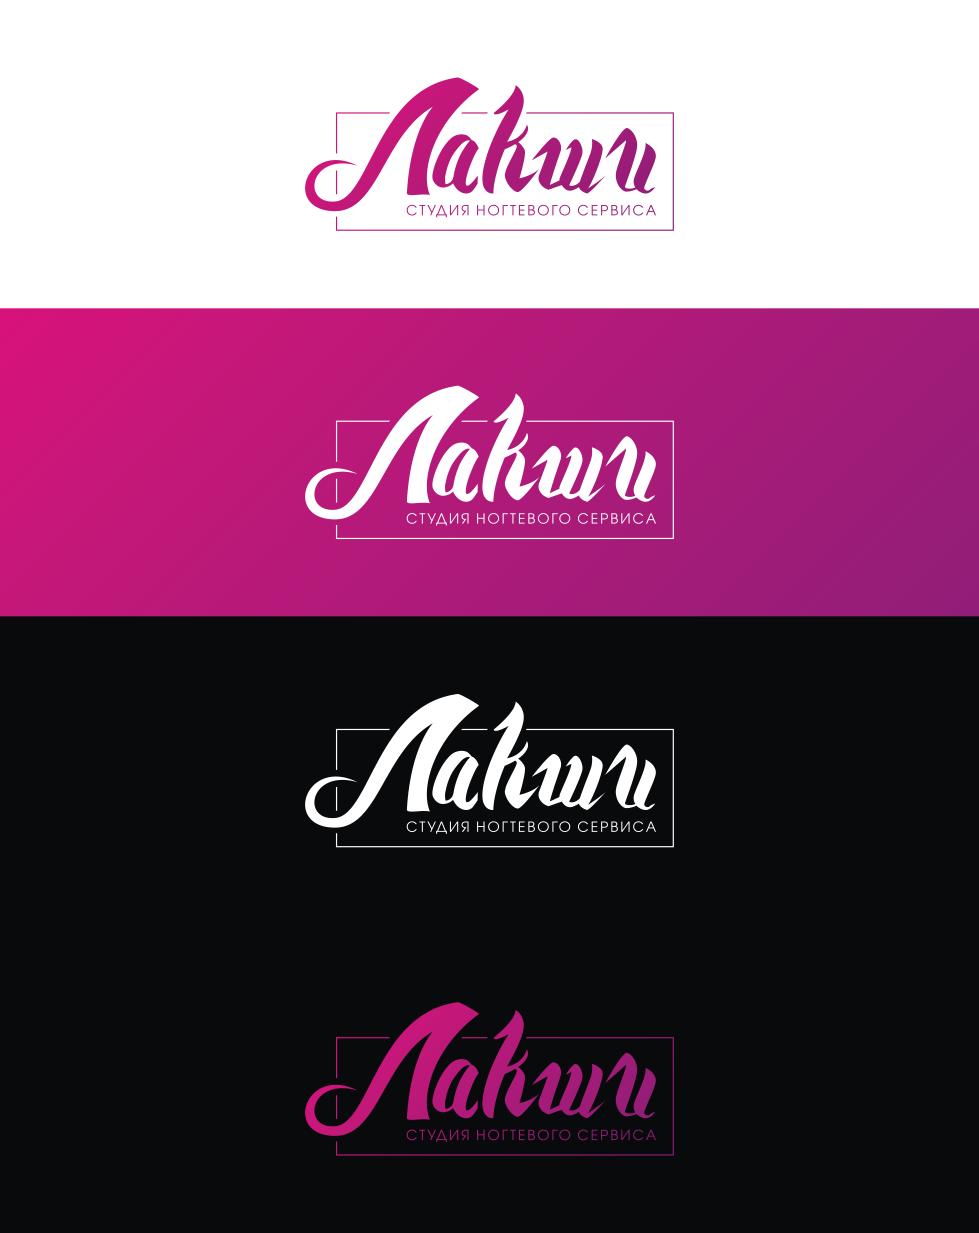 Разработка логотипа фирменного стиля фото f_0925c6bb8bf81705.png